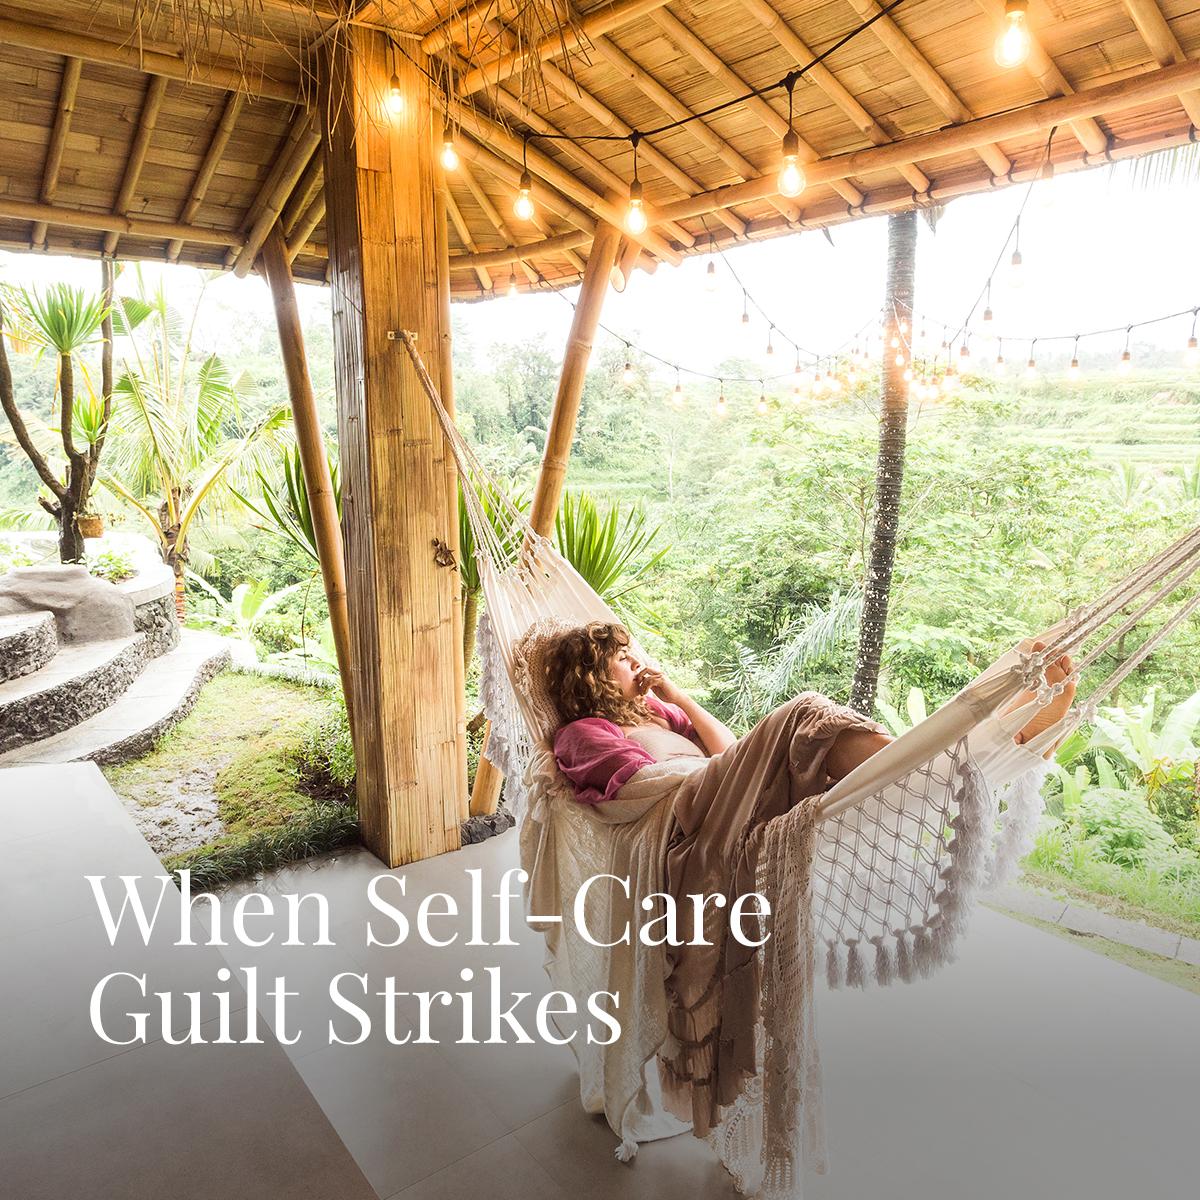 https://4wordwomen.org/blog/2019/07/self-care-guilt/